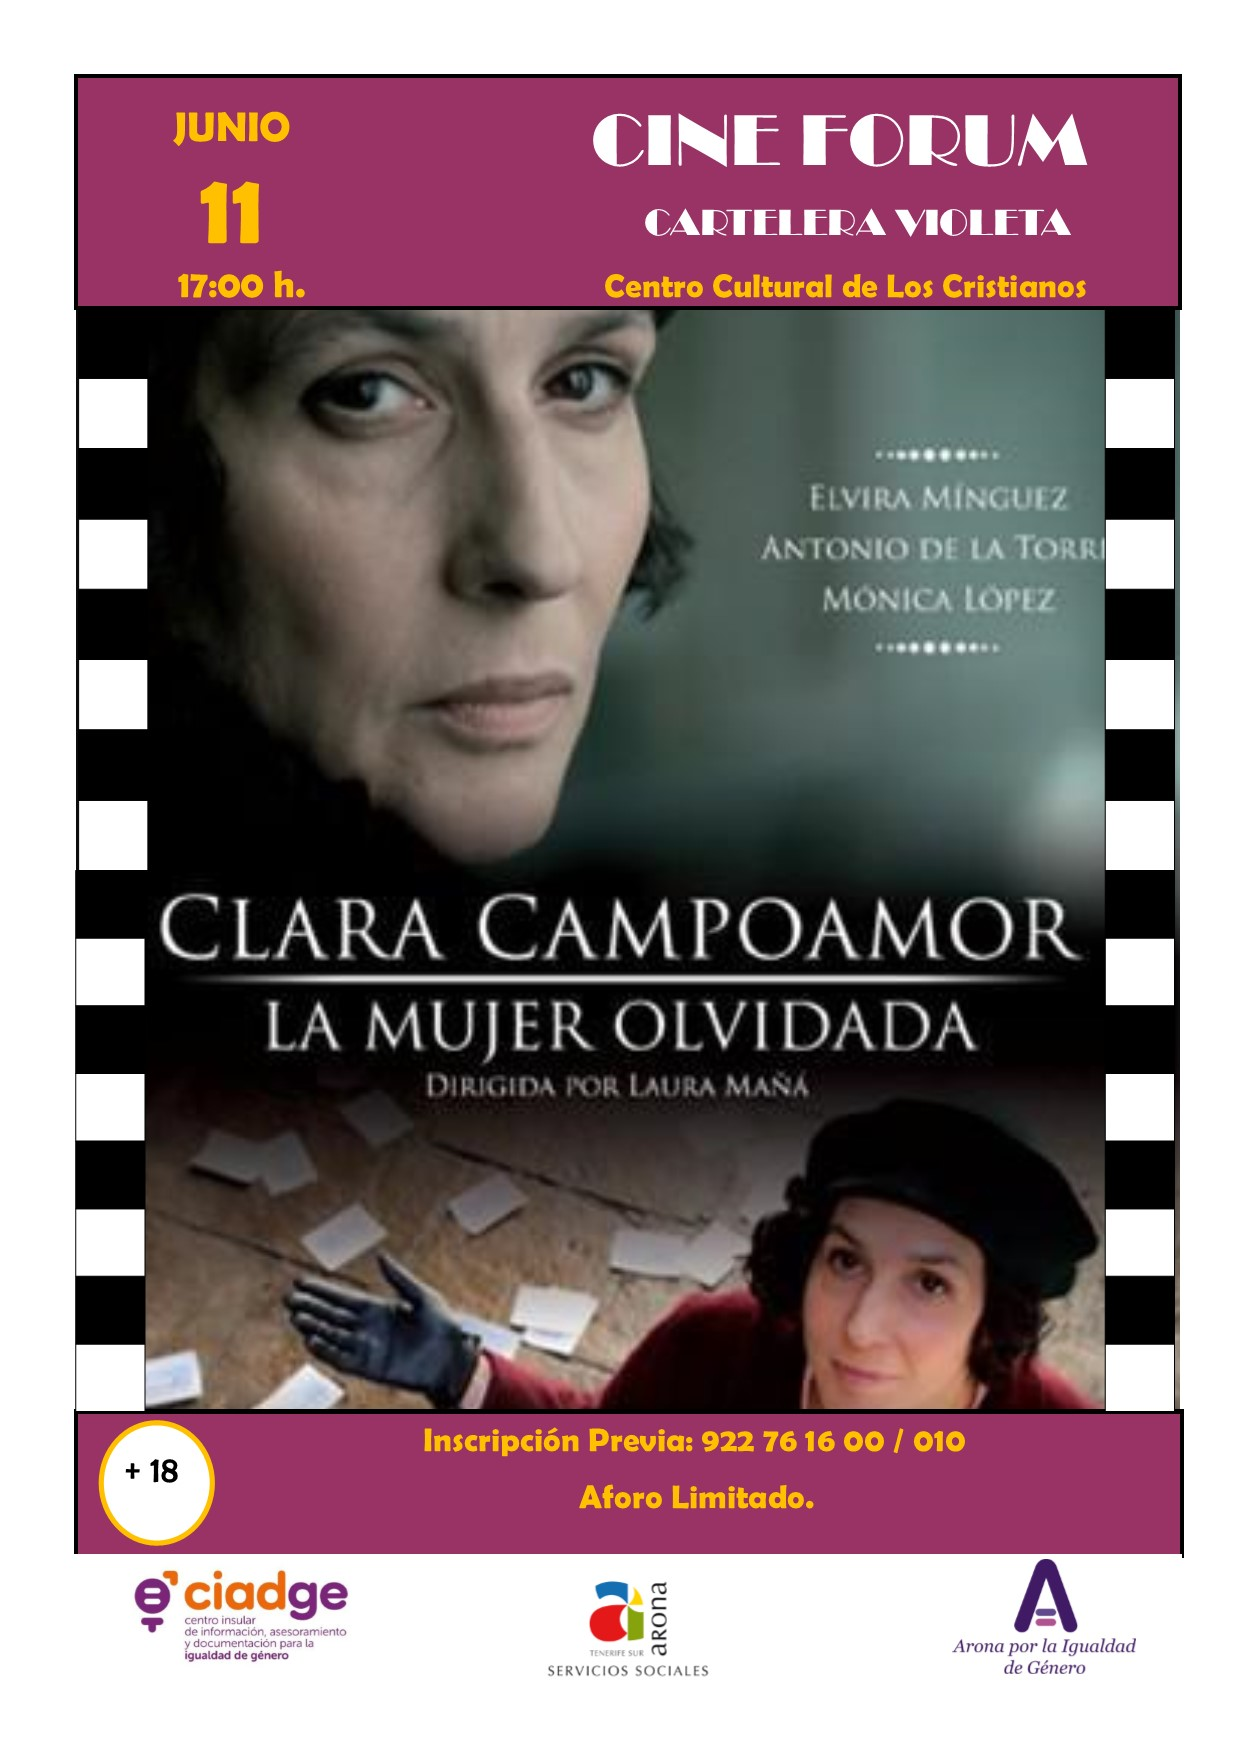 Arona partecipa al ciclo Cine Forum: Billboard-violet c ...